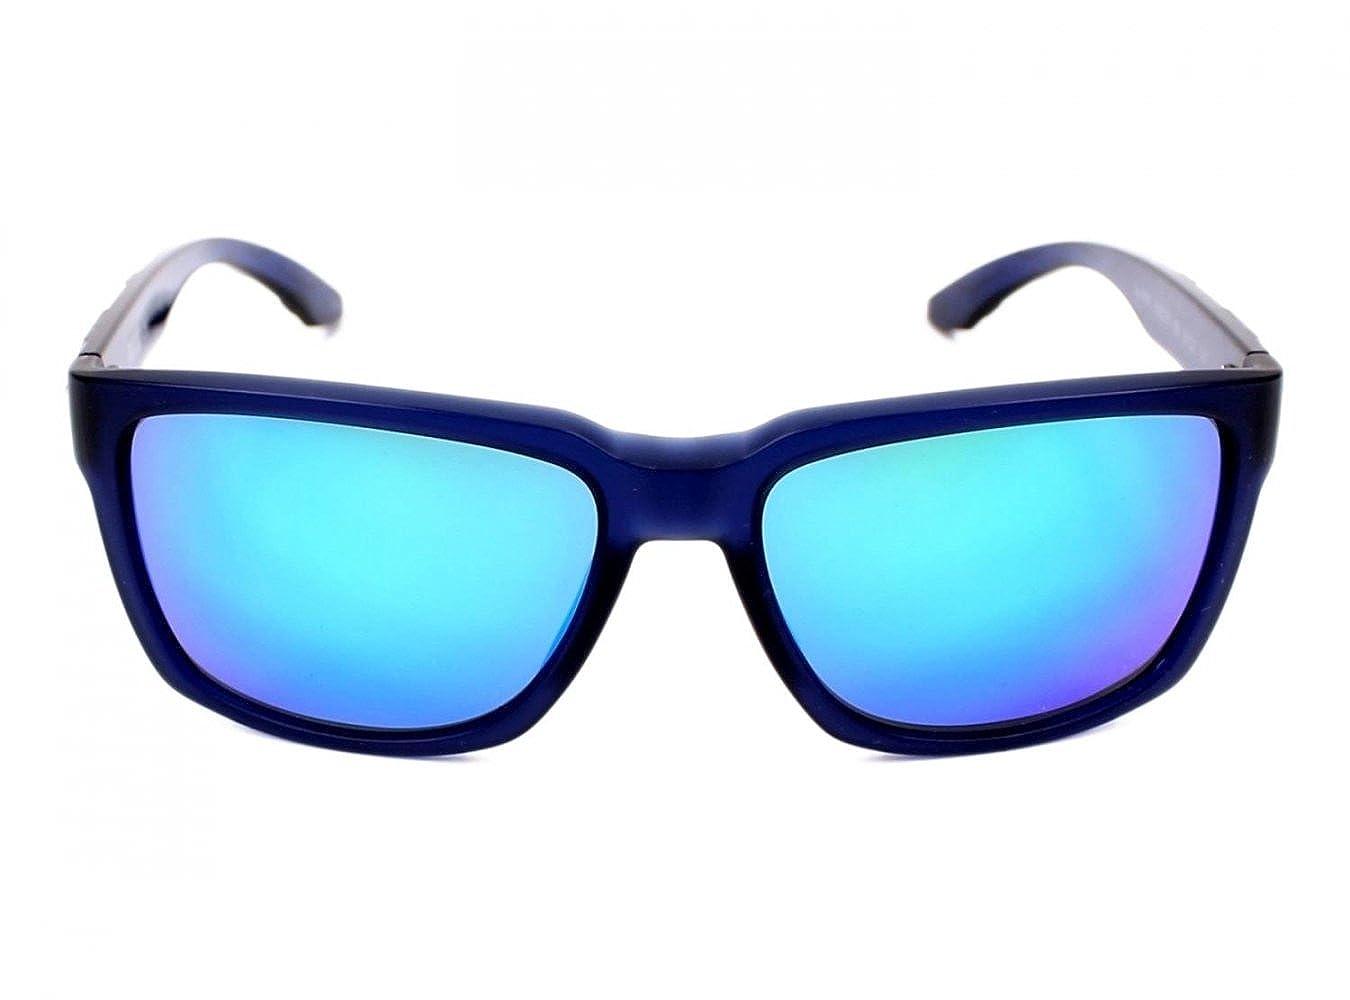 Amazon.com: anteojos de sol Puma pu0037s-005 Azul/Verde/Azul ...